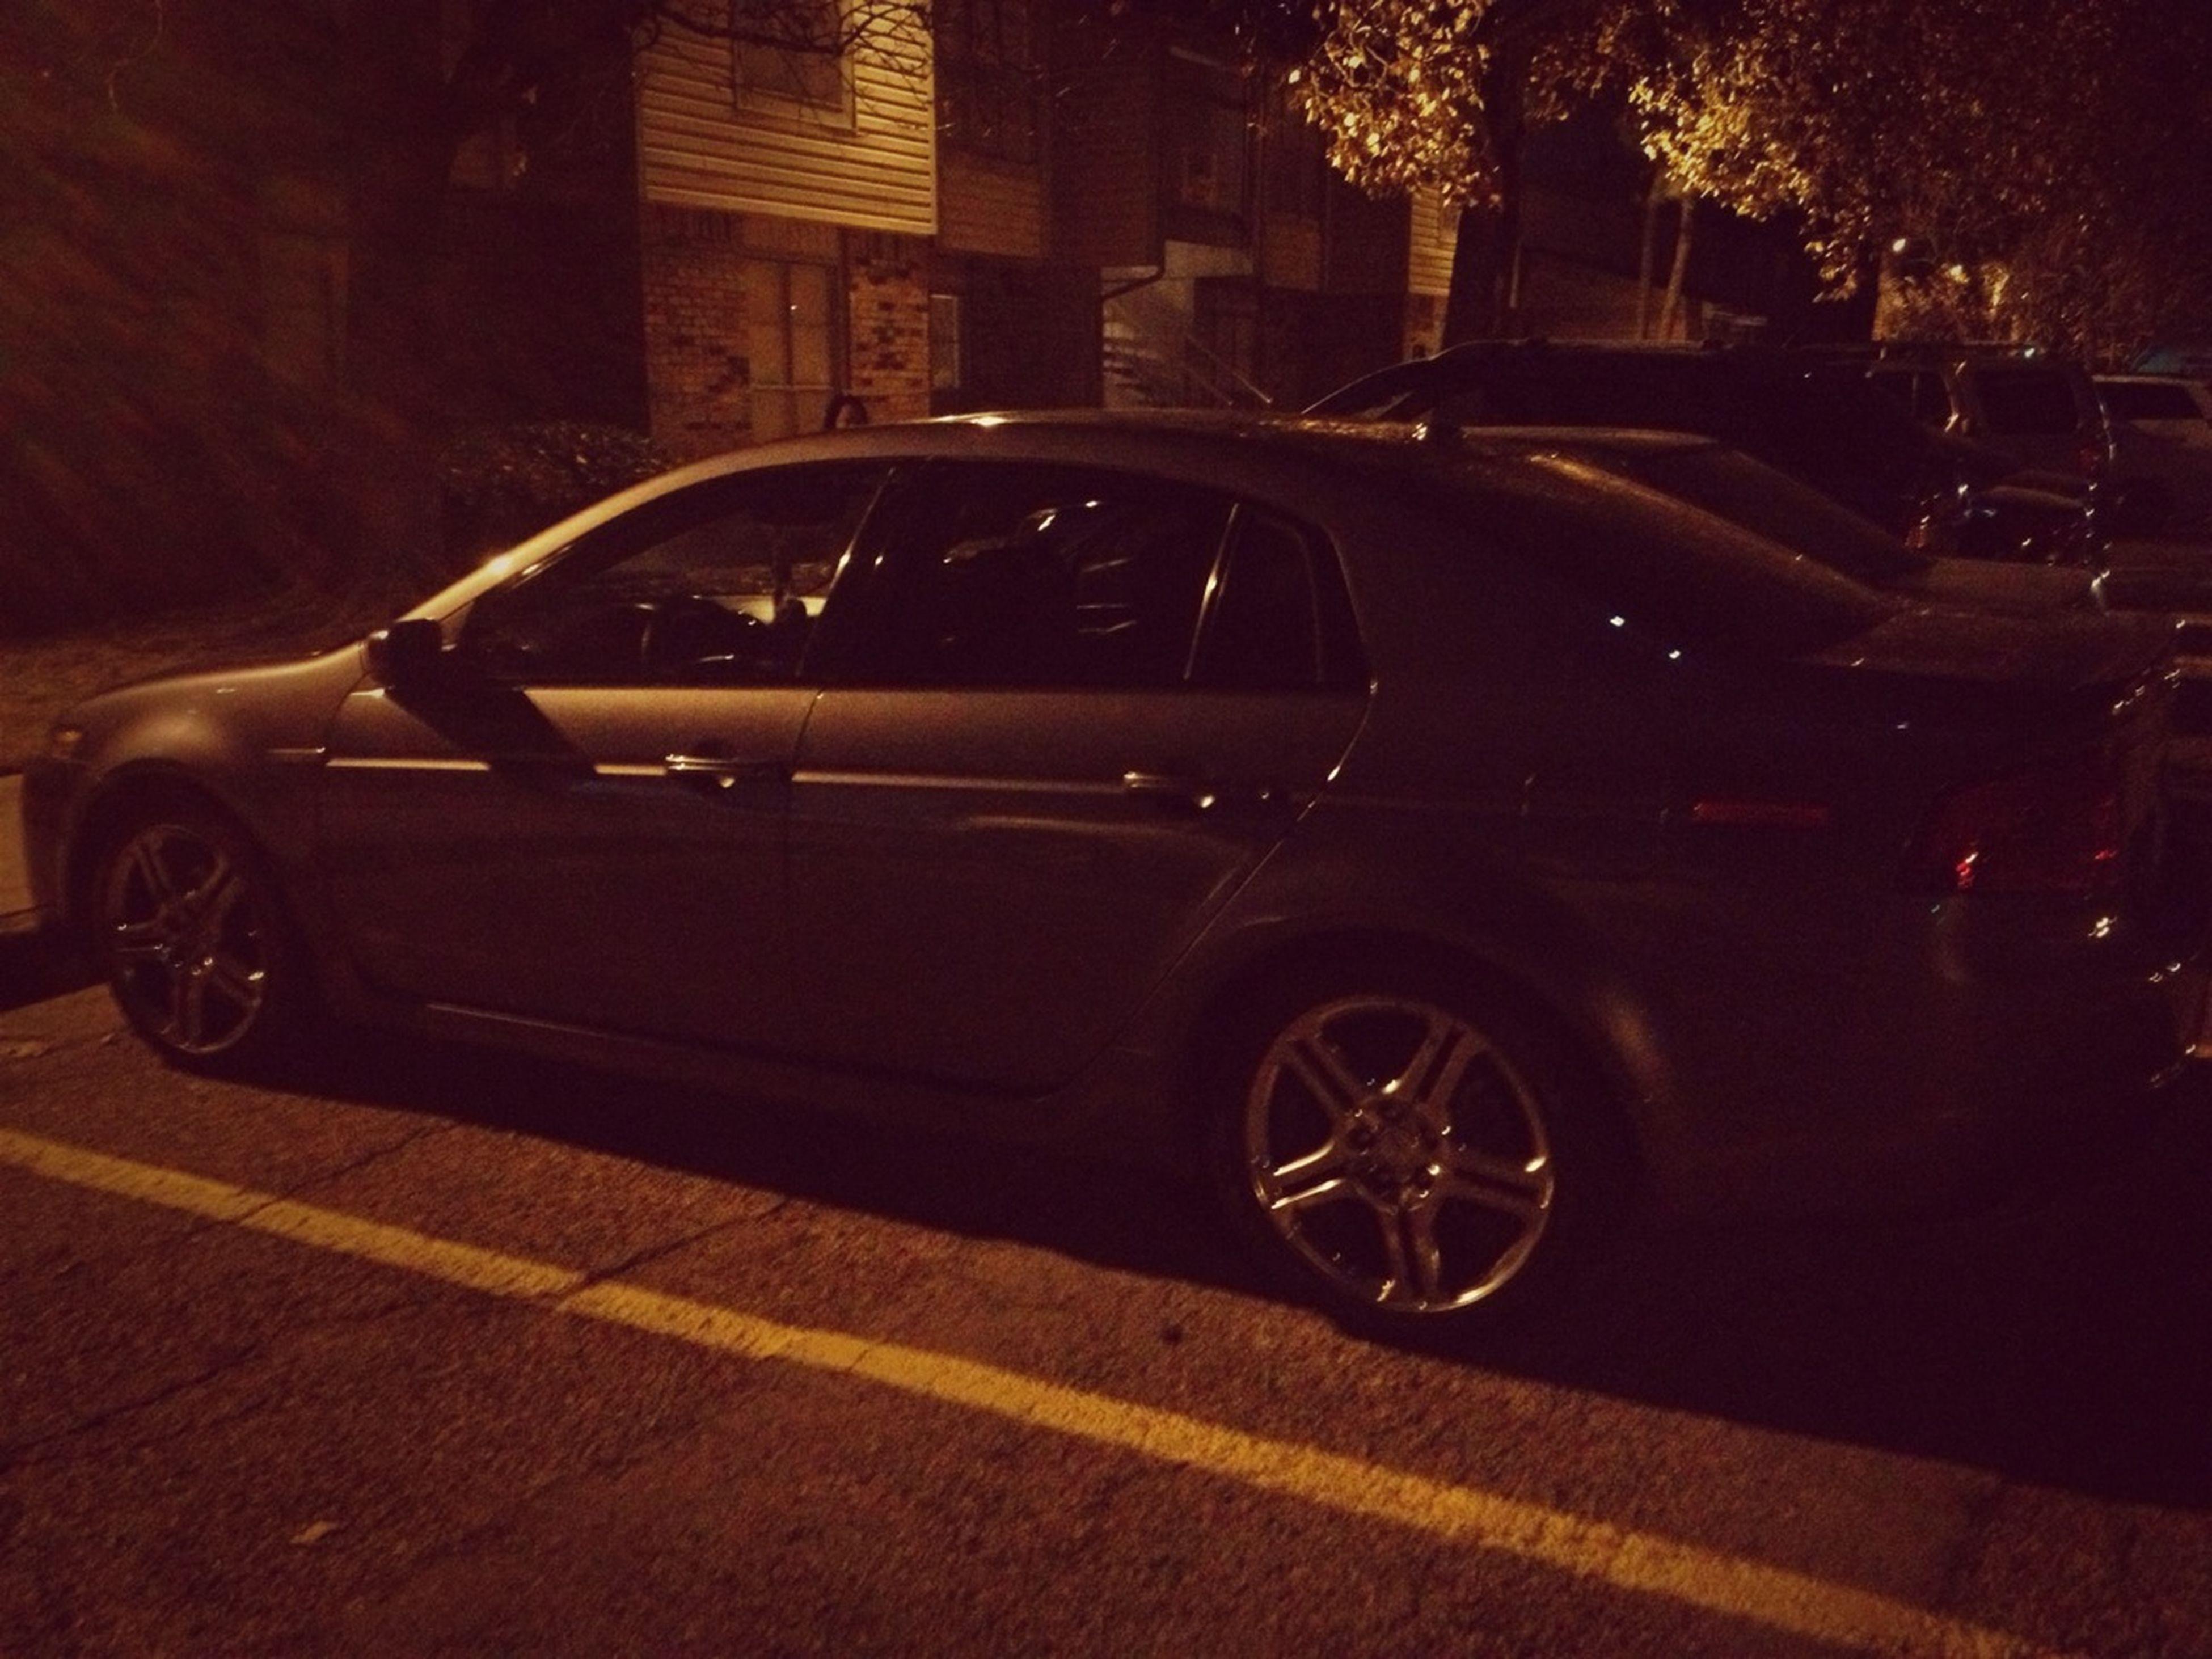 My new ride. Night photo!!!